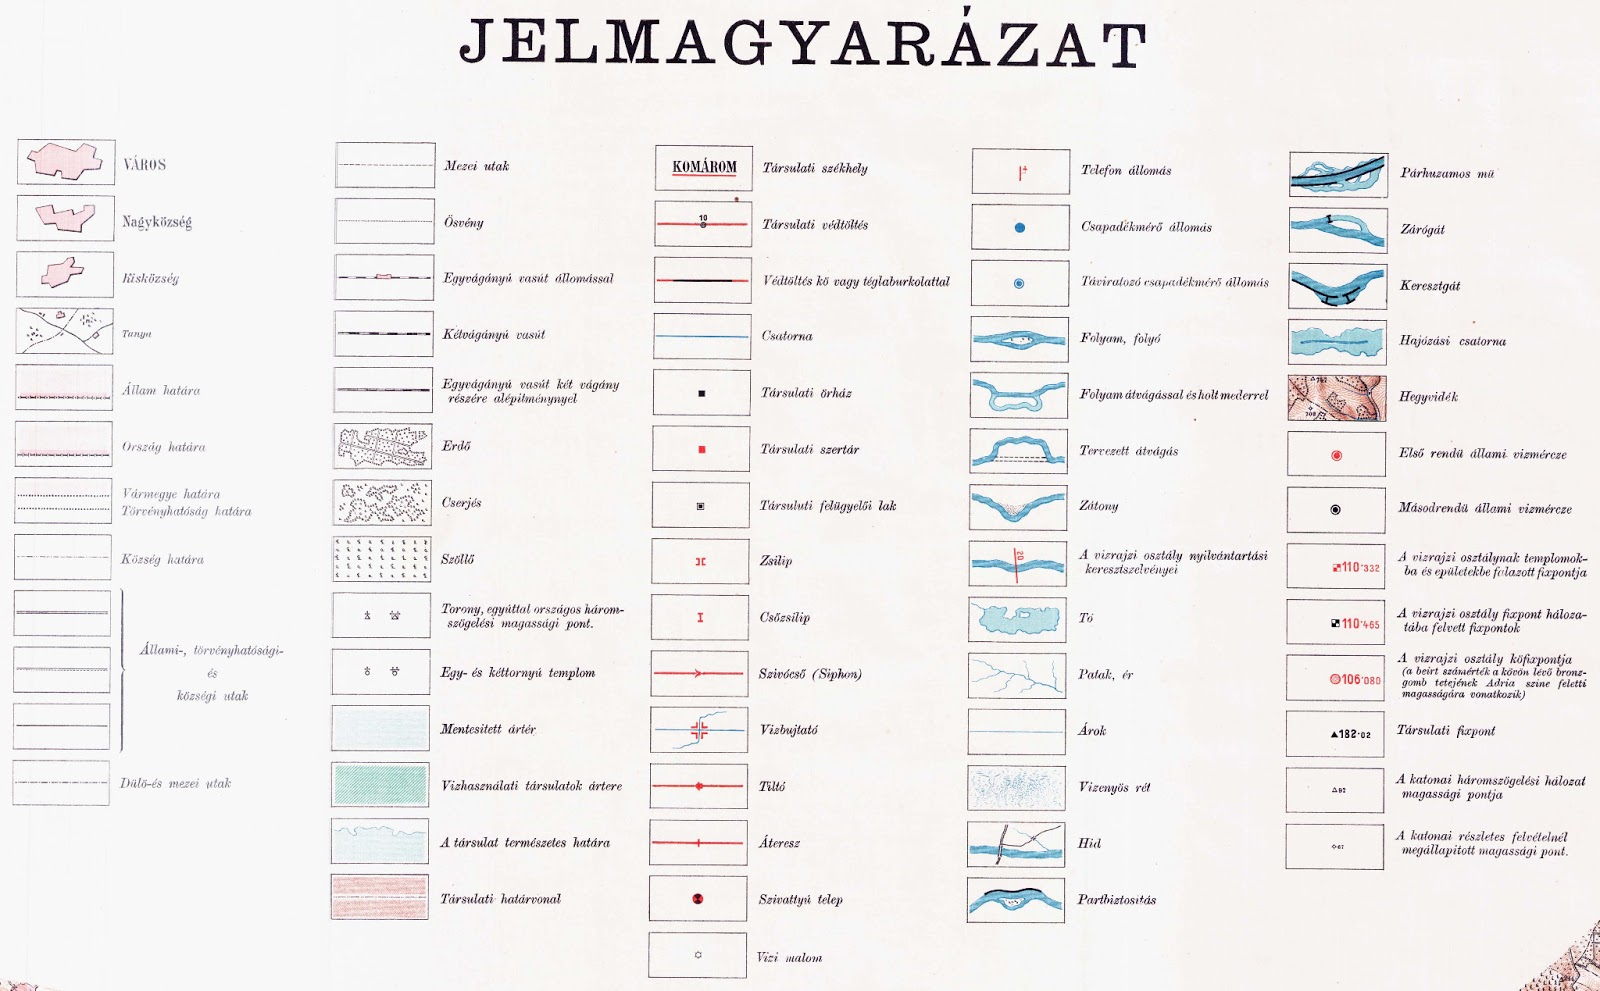 térkép jelmagyarázat Dunai Szigetek: Vályi Béla: A Dunavölgy átnézeti térképe, 1898 térkép jelmagyarázat